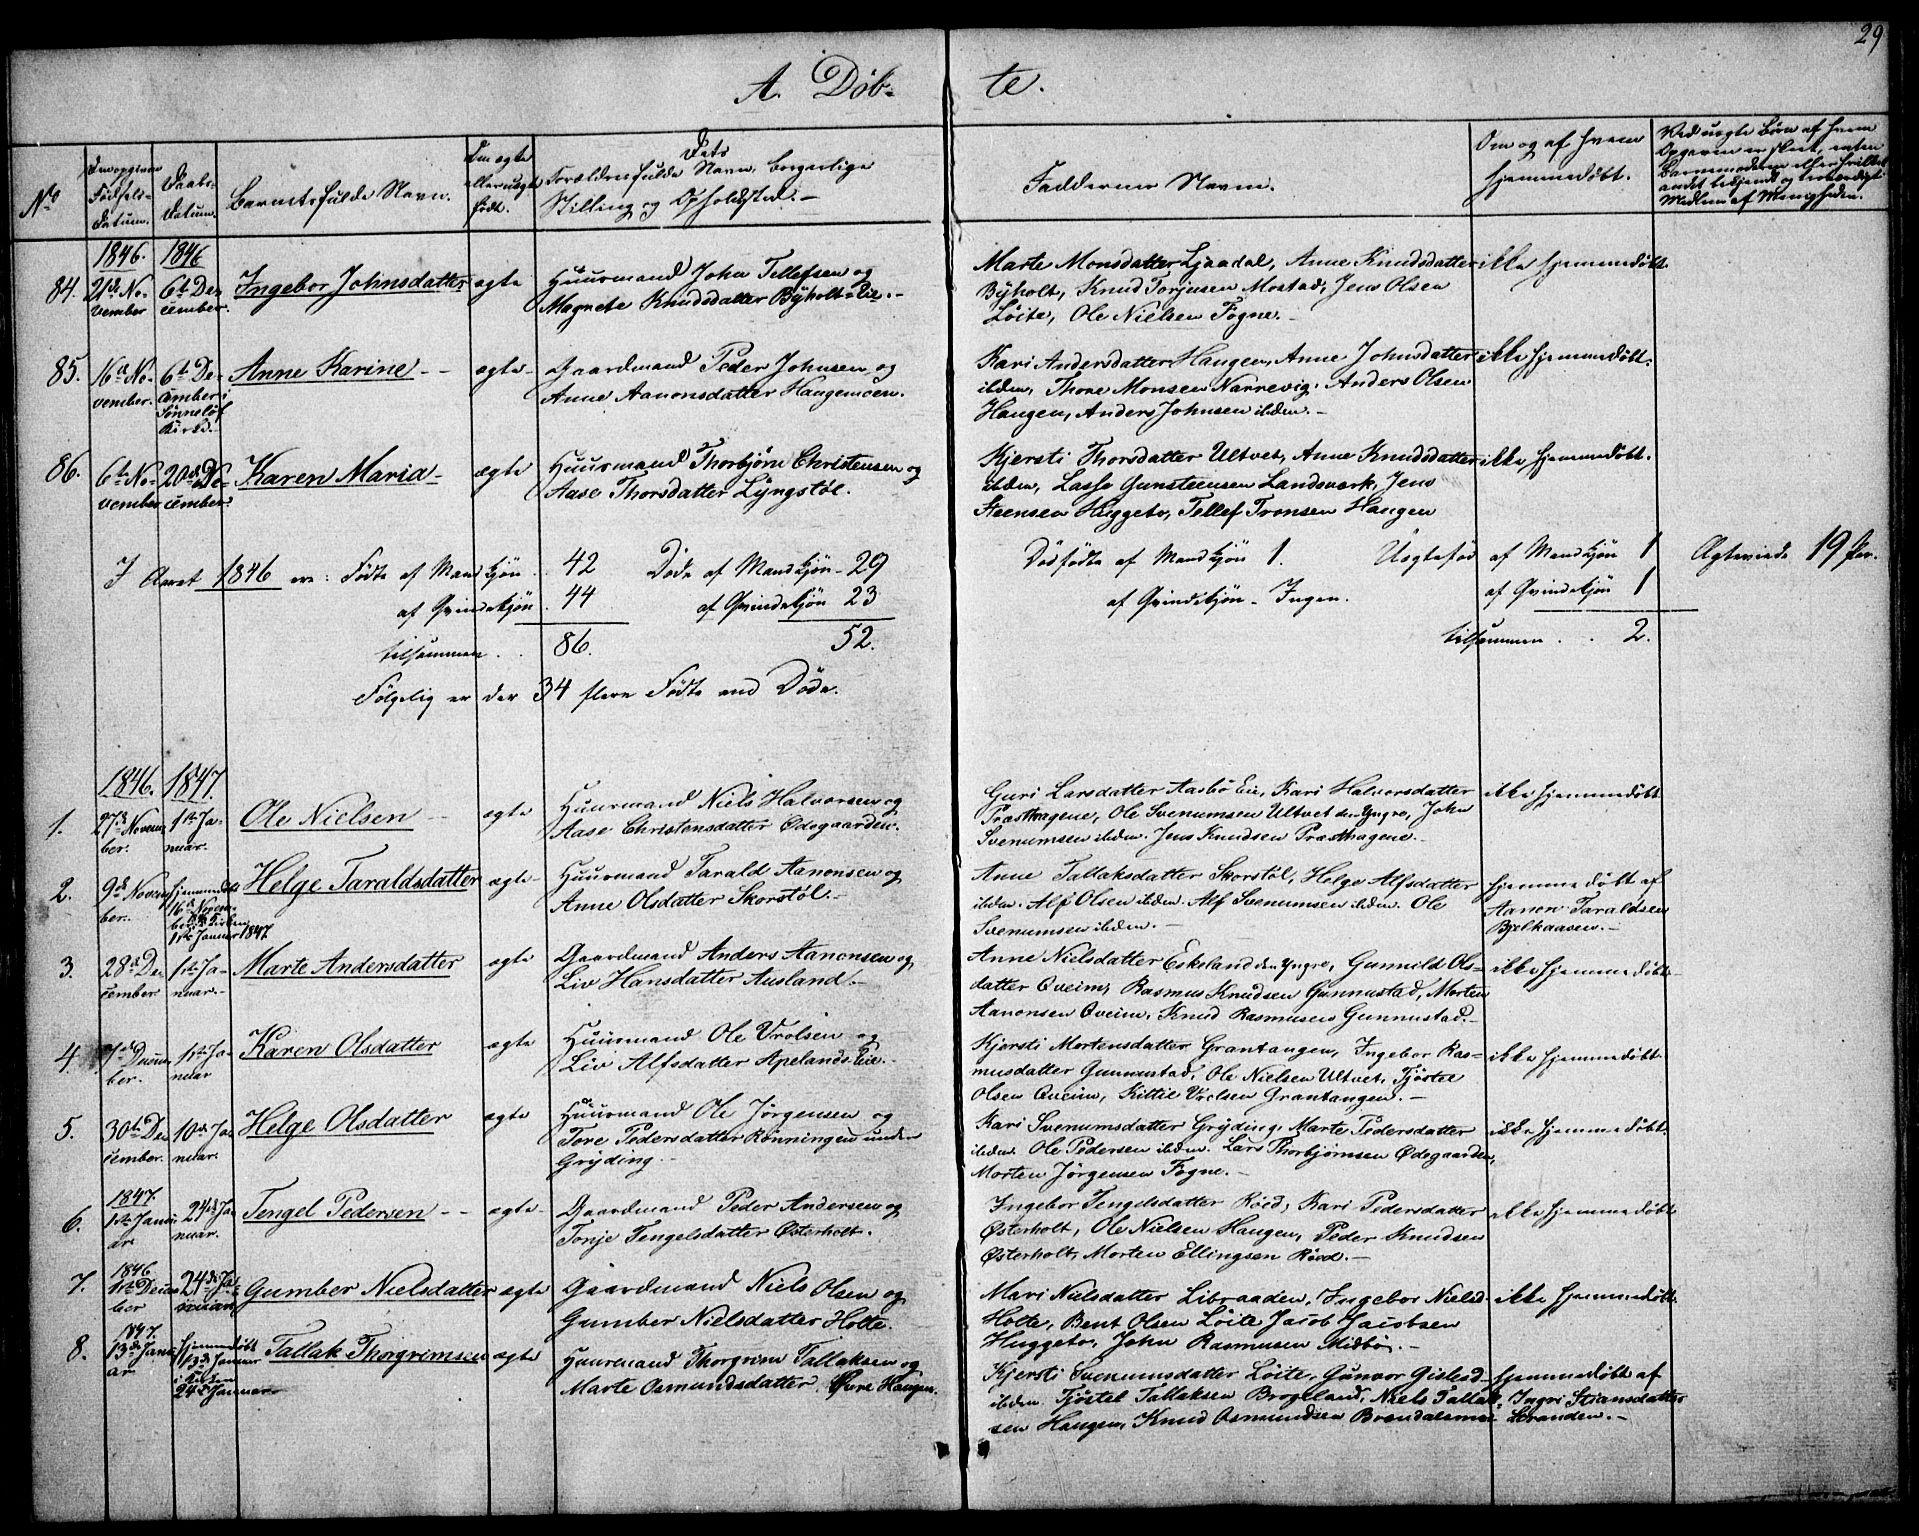 SAK, Gjerstad sokneprestkontor, F/Fa/Faa/L0006: Ministerialbok nr. A 6, 1841-1857, s. 29